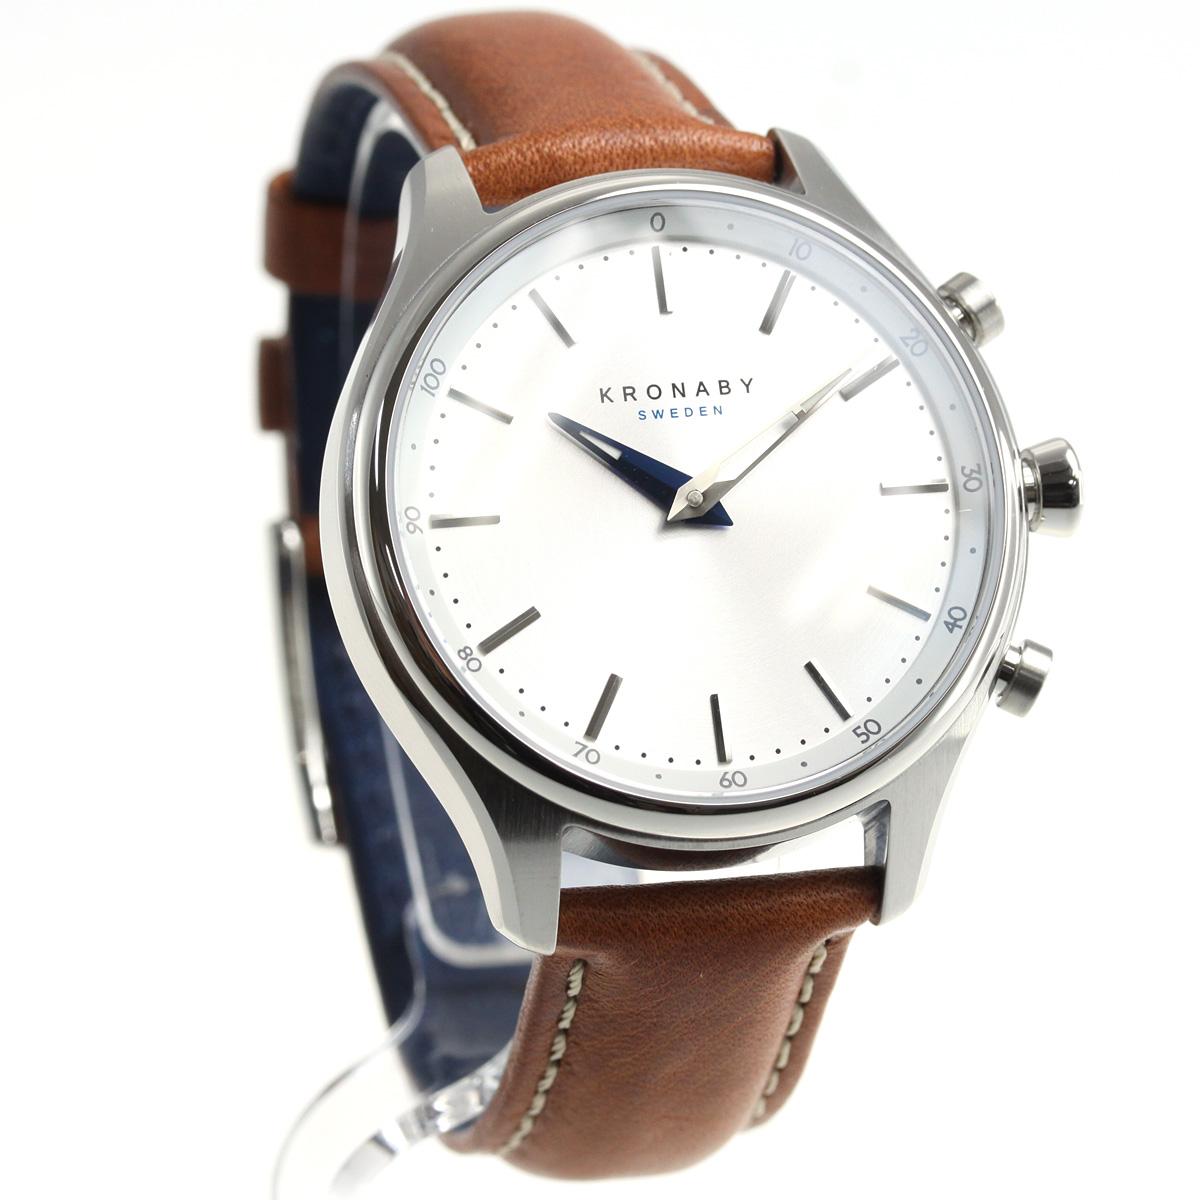 クロナビー KRONABY セーケル SEKEL スマートウォッチ 腕時計 メンズ A1000-1923